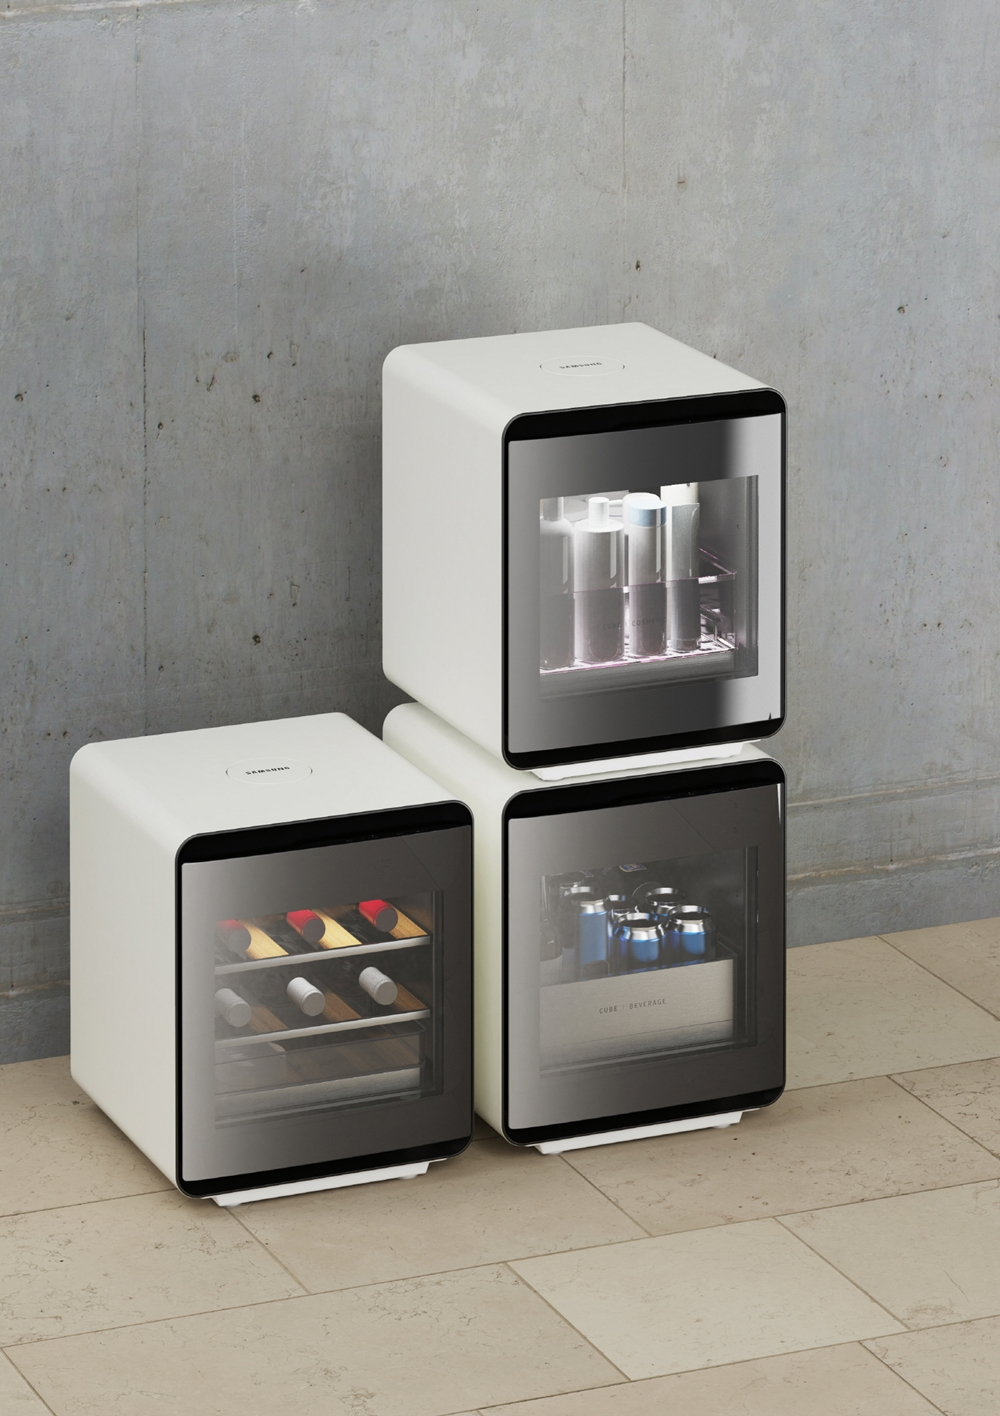 삼성전자가 7일(현지시간)부터 10일까지 미국 라스베이거스에서 열리는 세계 최대 전자 전시회 'CES 2020'에서 새로운 콘셉트의 라이프스타일 가전을 대거 선보인다. 사진은 삼성전자 큐브 냉장고 라이프스타일 사진